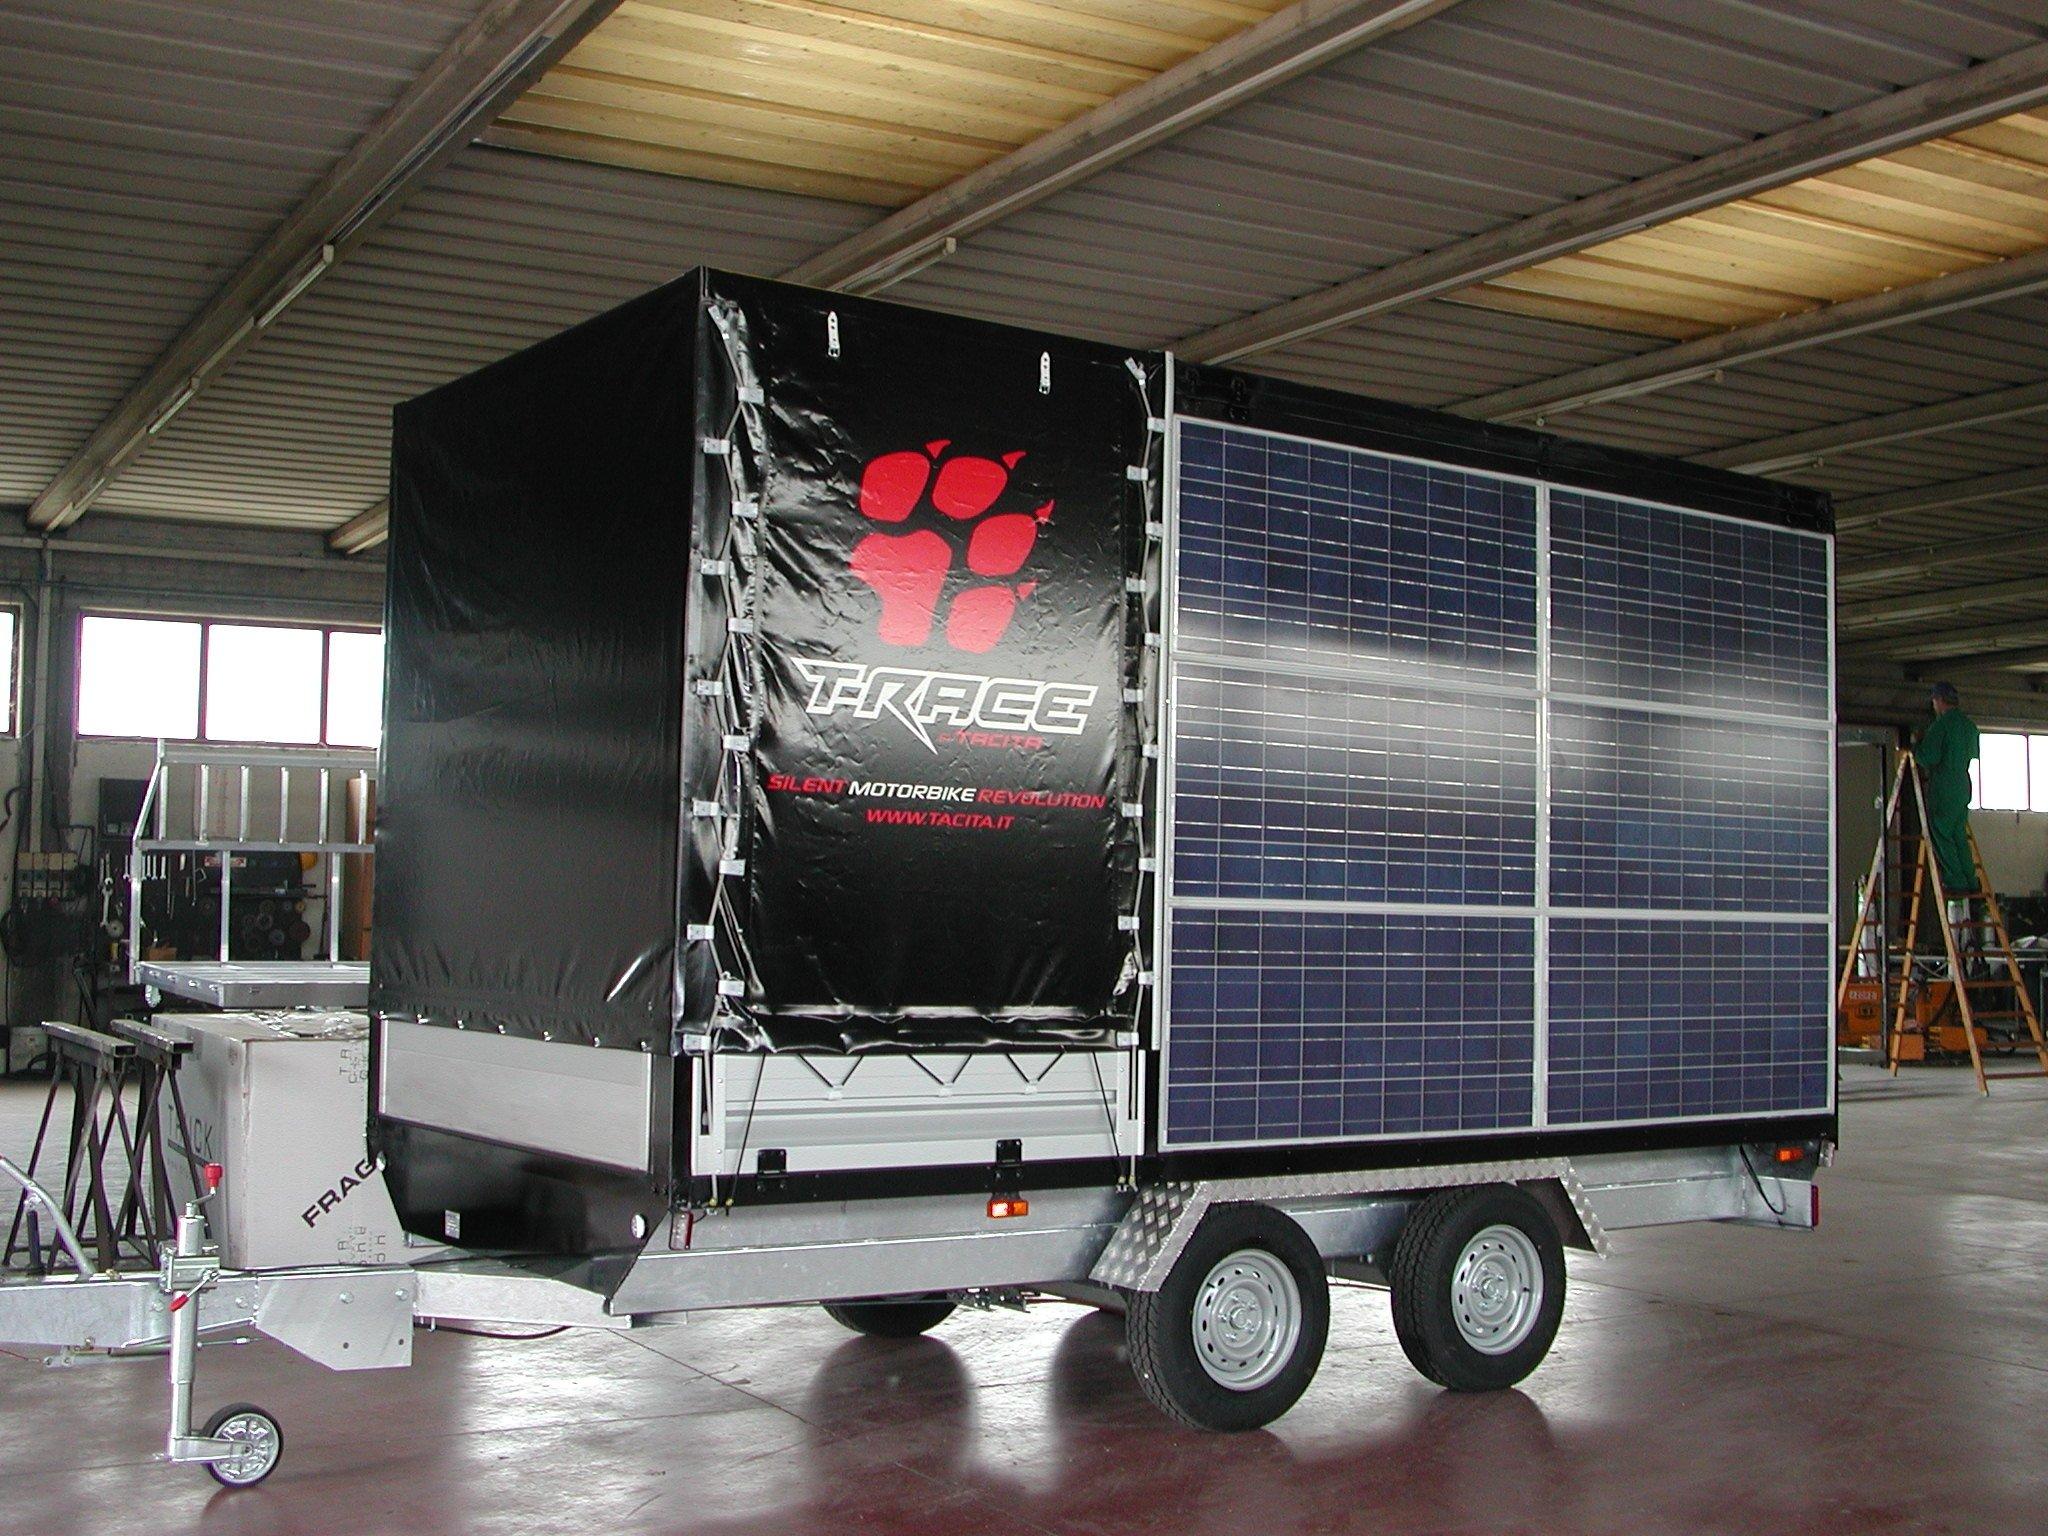 furgone con carrello fotovoltaico